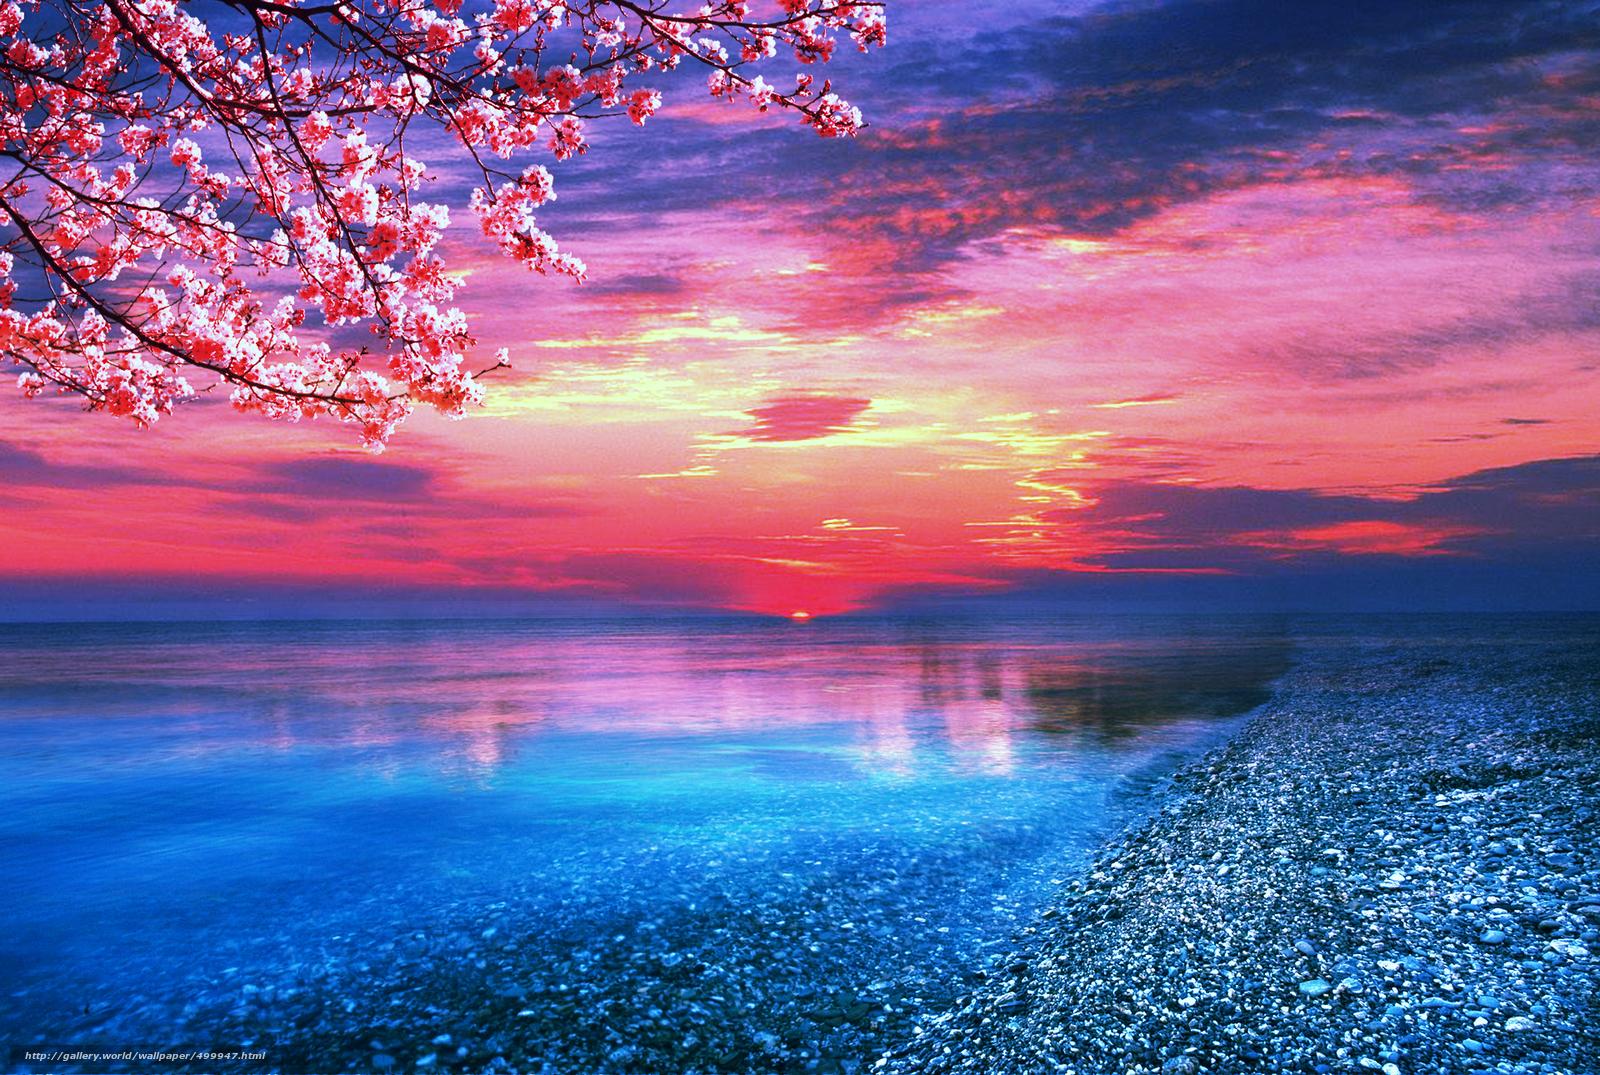 Скачать обои закат,  море,  берег,  ветки деревьев бесплатно для рабочего стола в разрешении 1920x1290 — картинка №499947